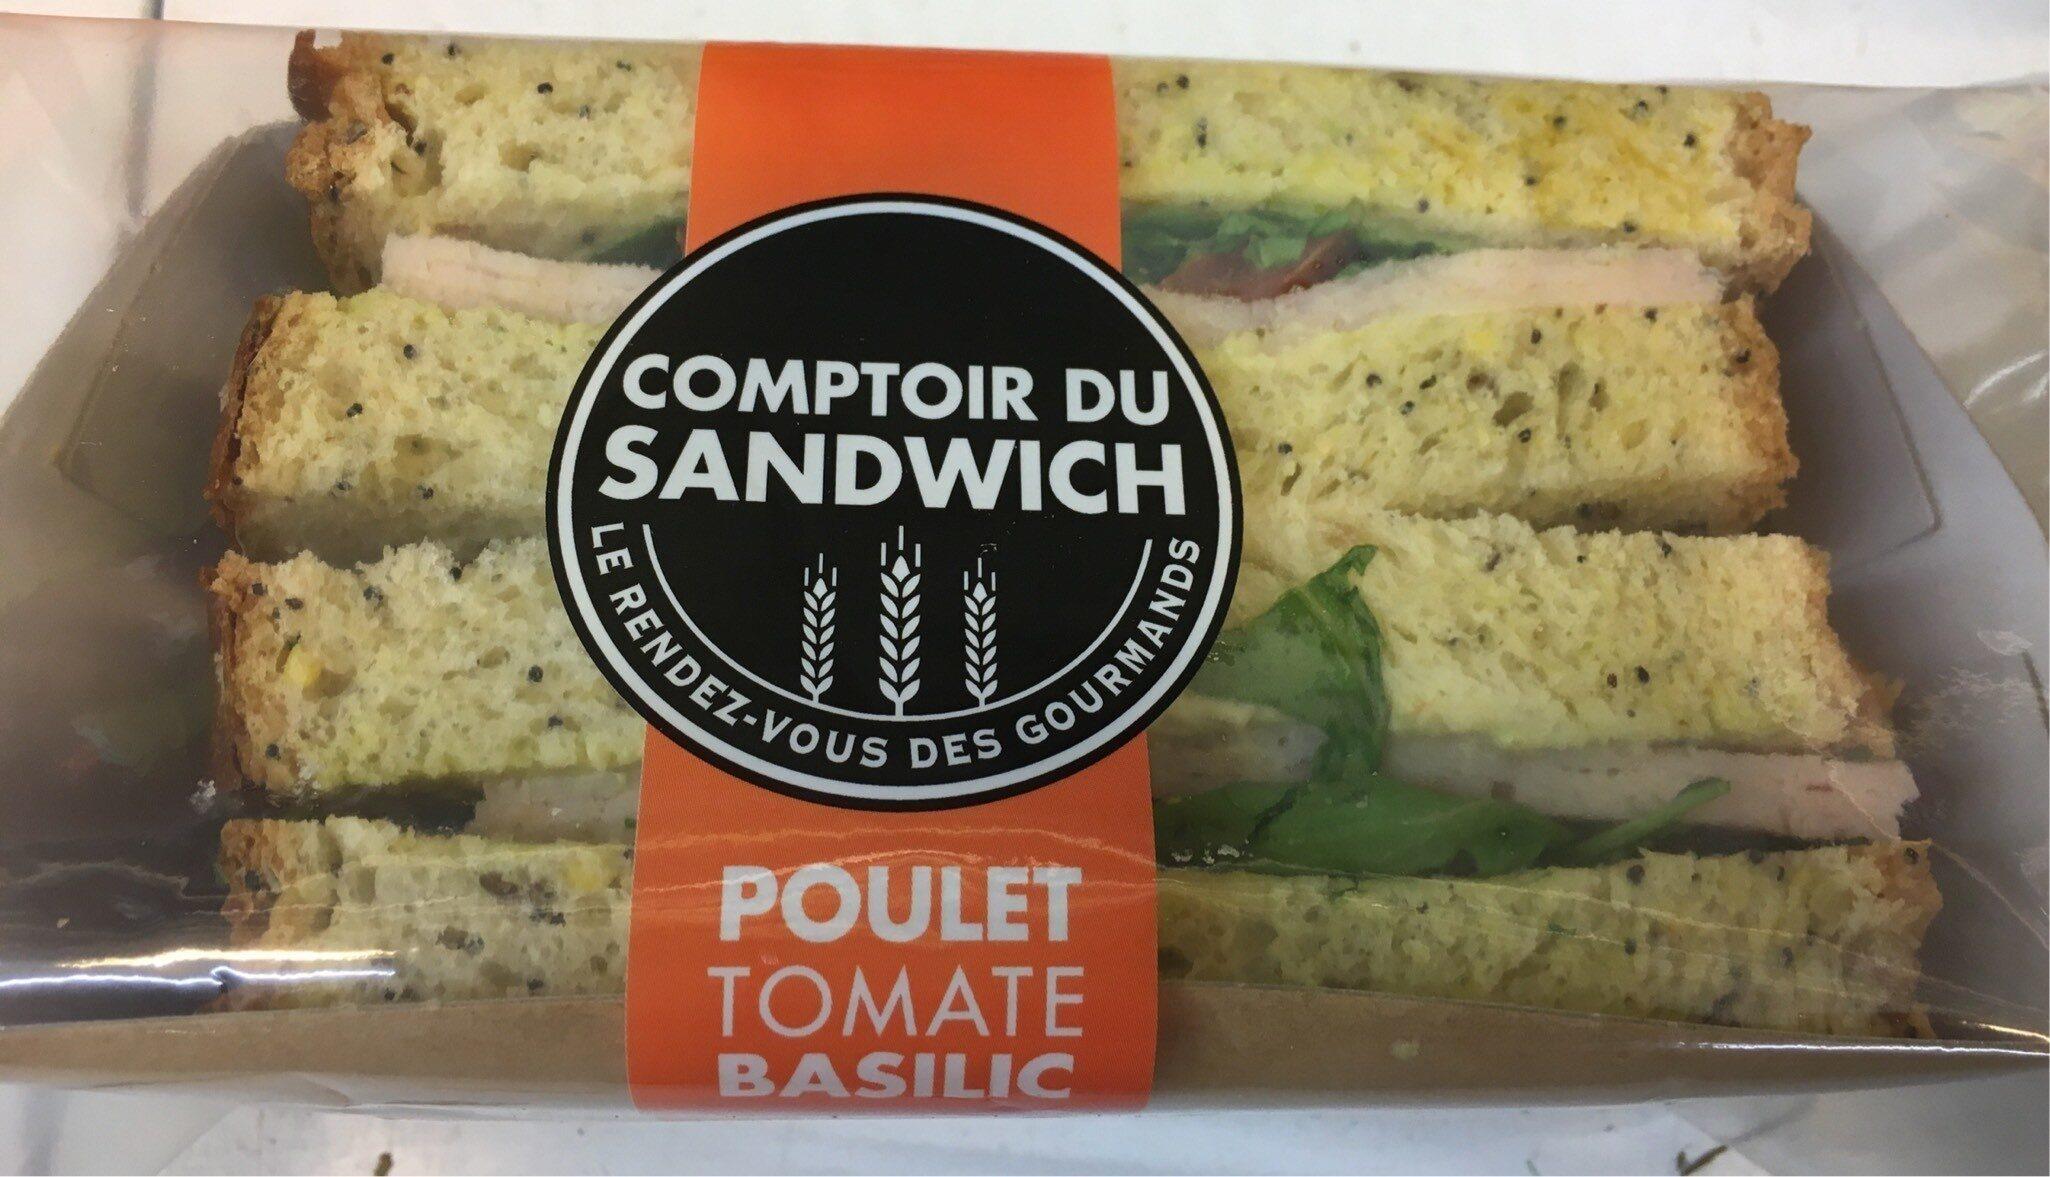 Comptoir du Sandwich Poulet Tomate Basilic - Product - fr